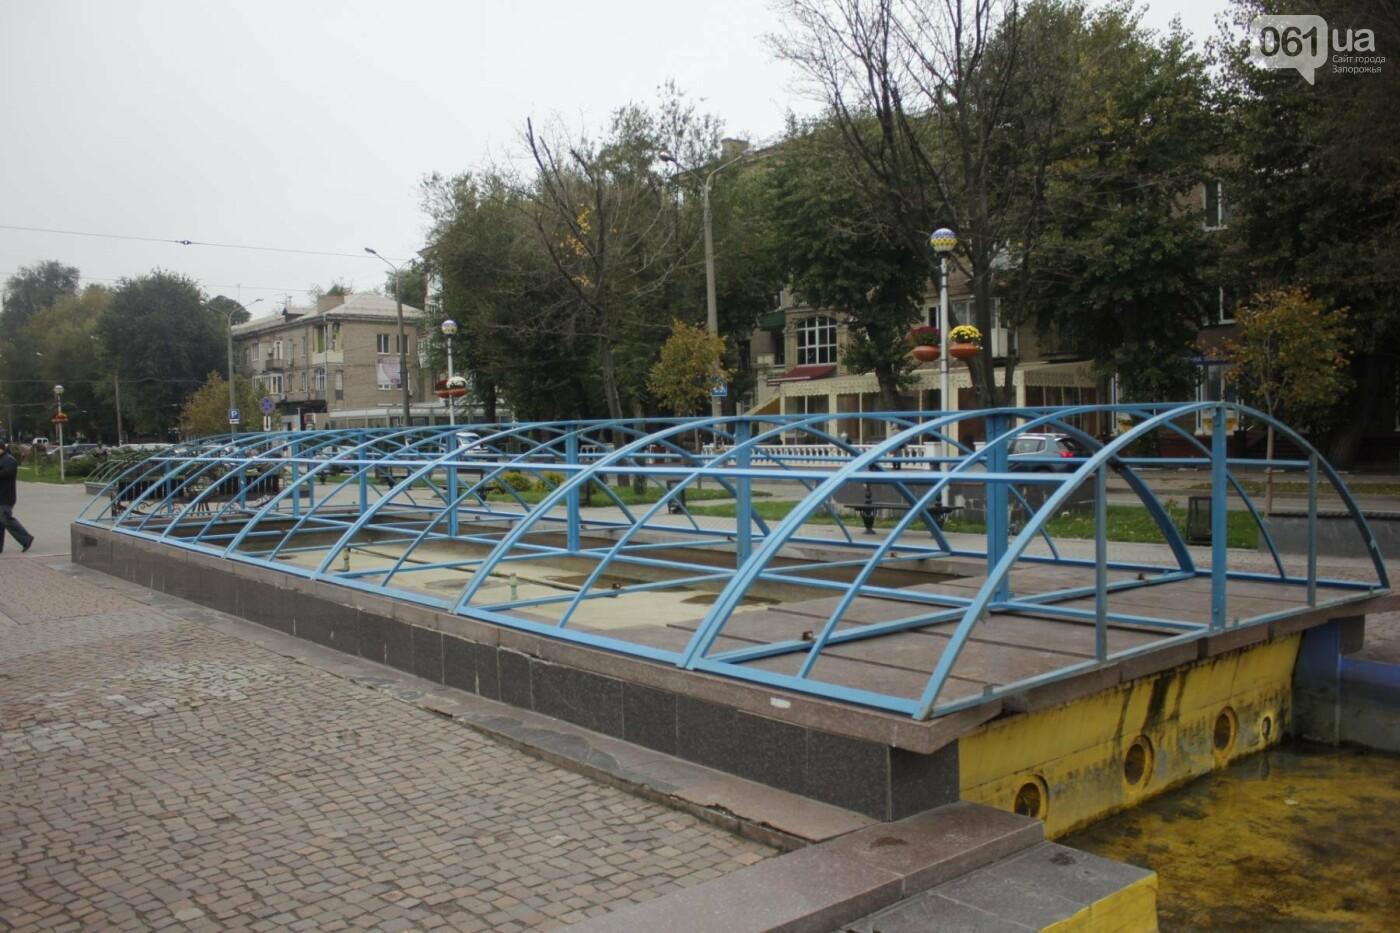 Зима близко: в Запорожье законсервировали фонтаны, - ФОТО , фото-2